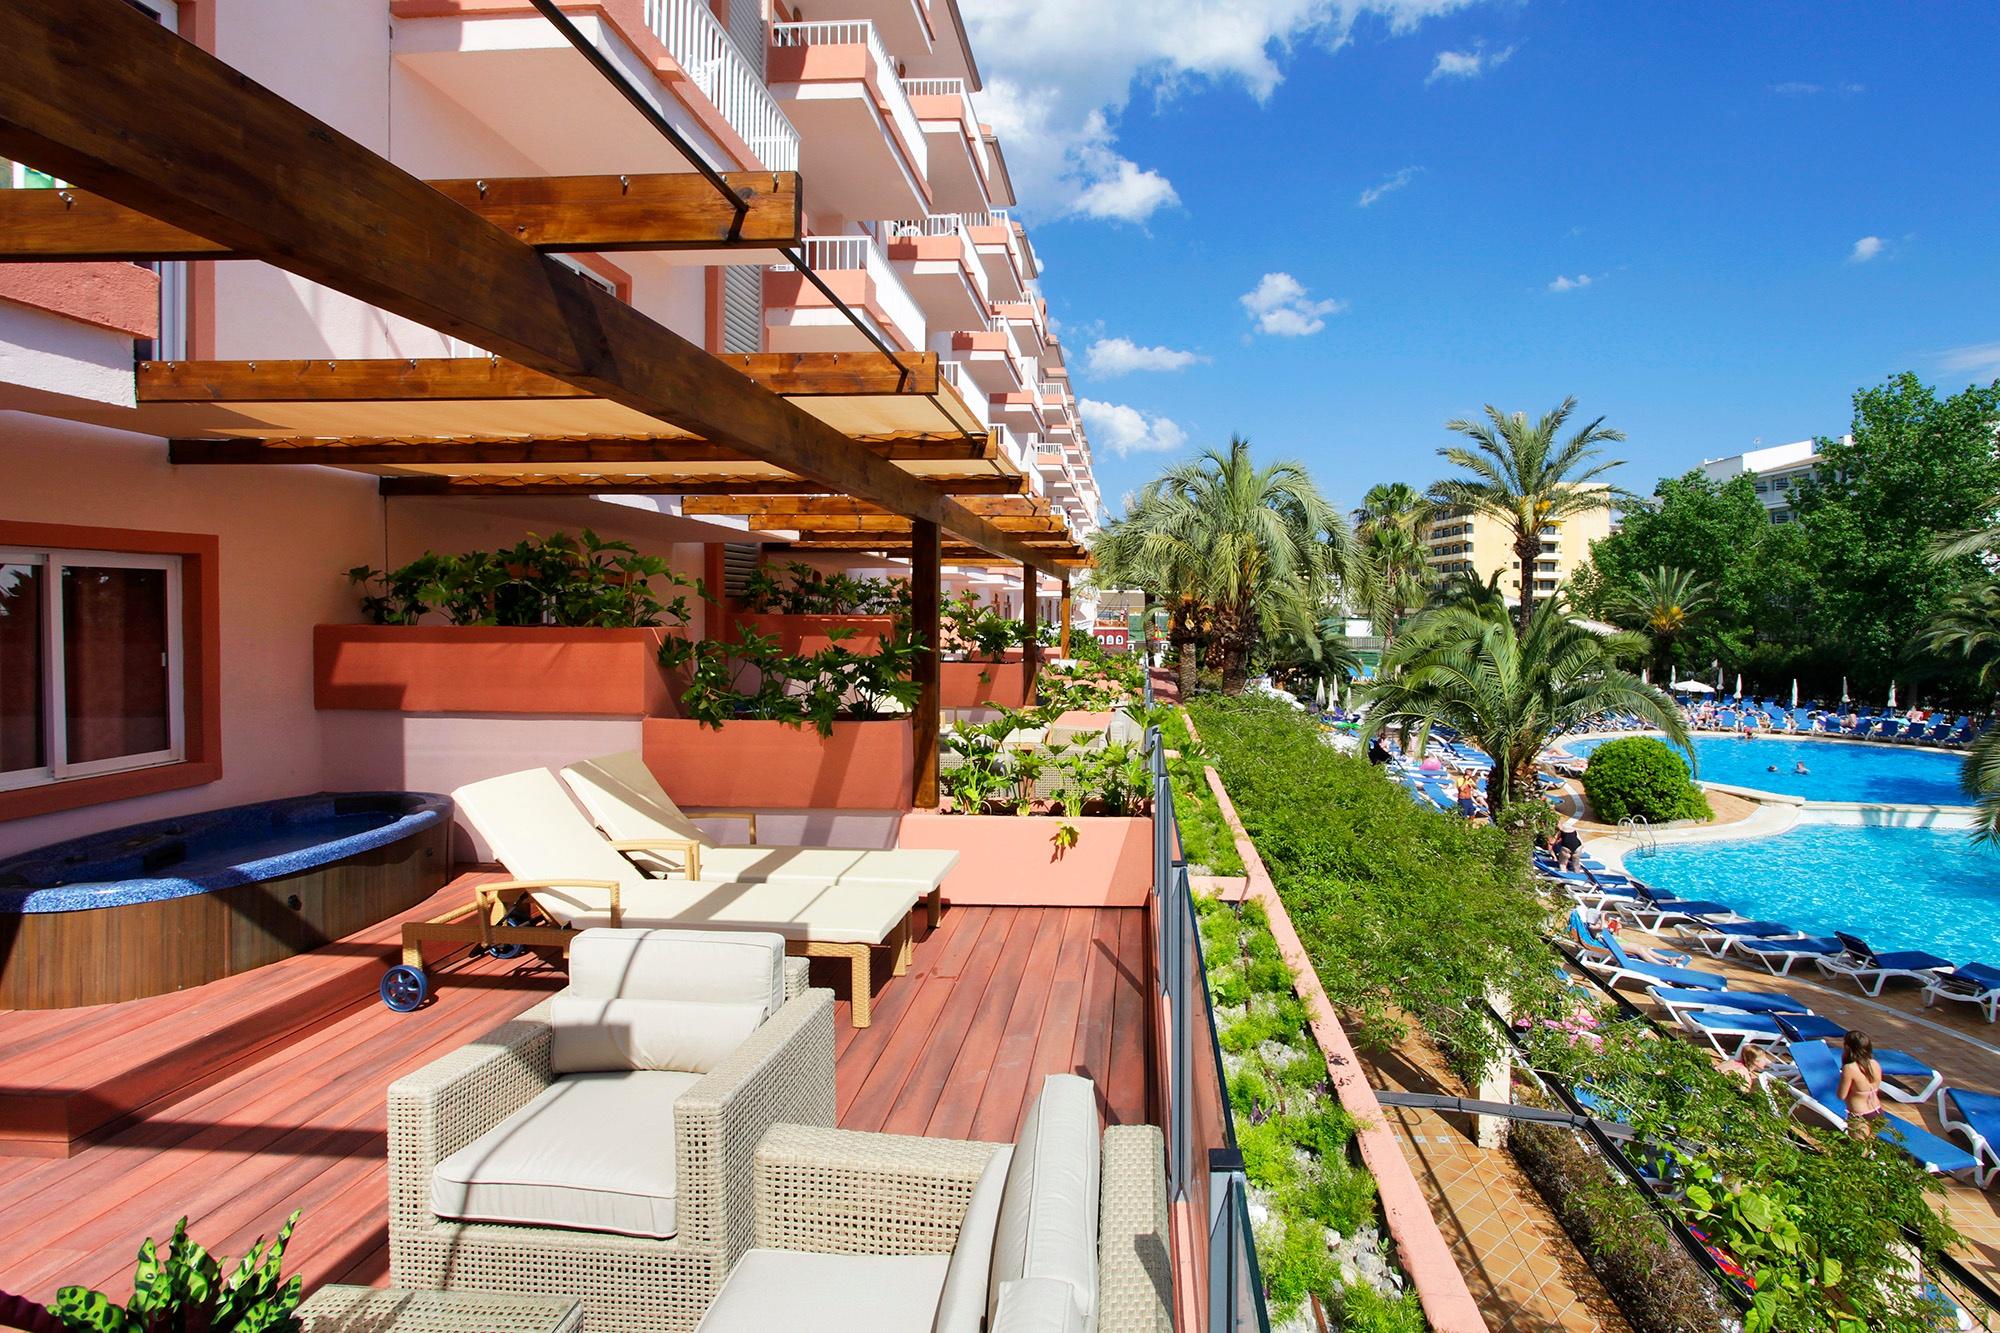 royal terrace apartment first floor viva sunrise.jpg